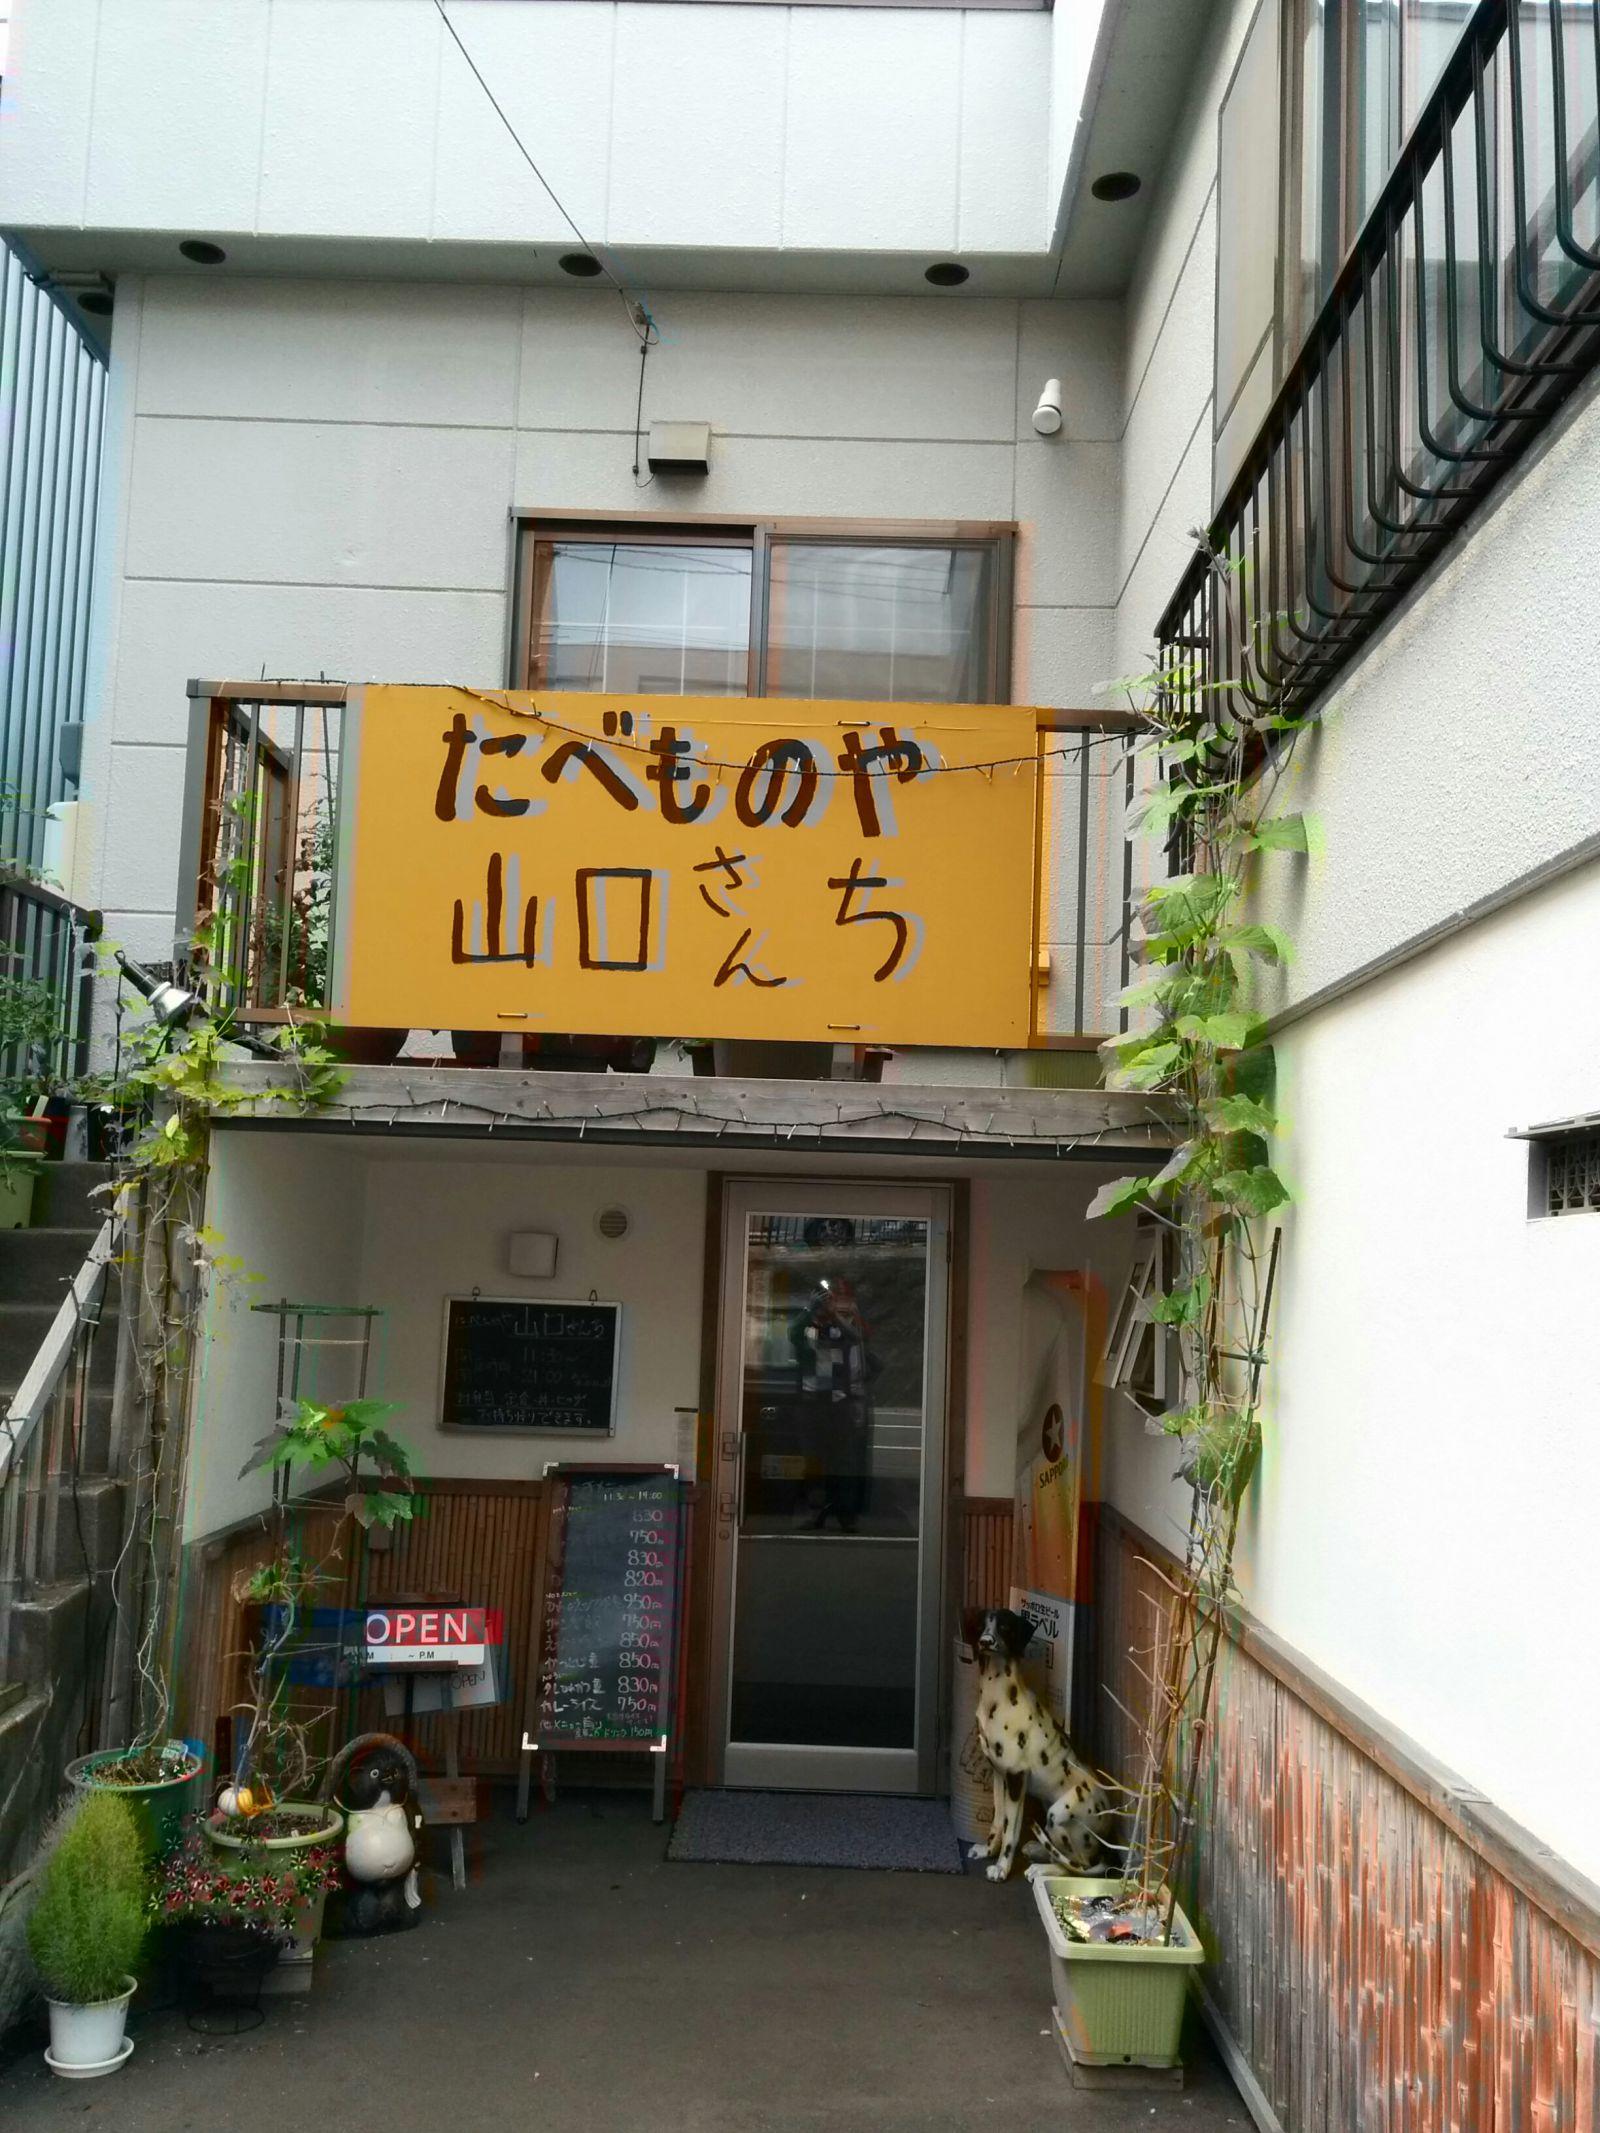 【小樽】たべものや山口さんち観光グルメ案内です。